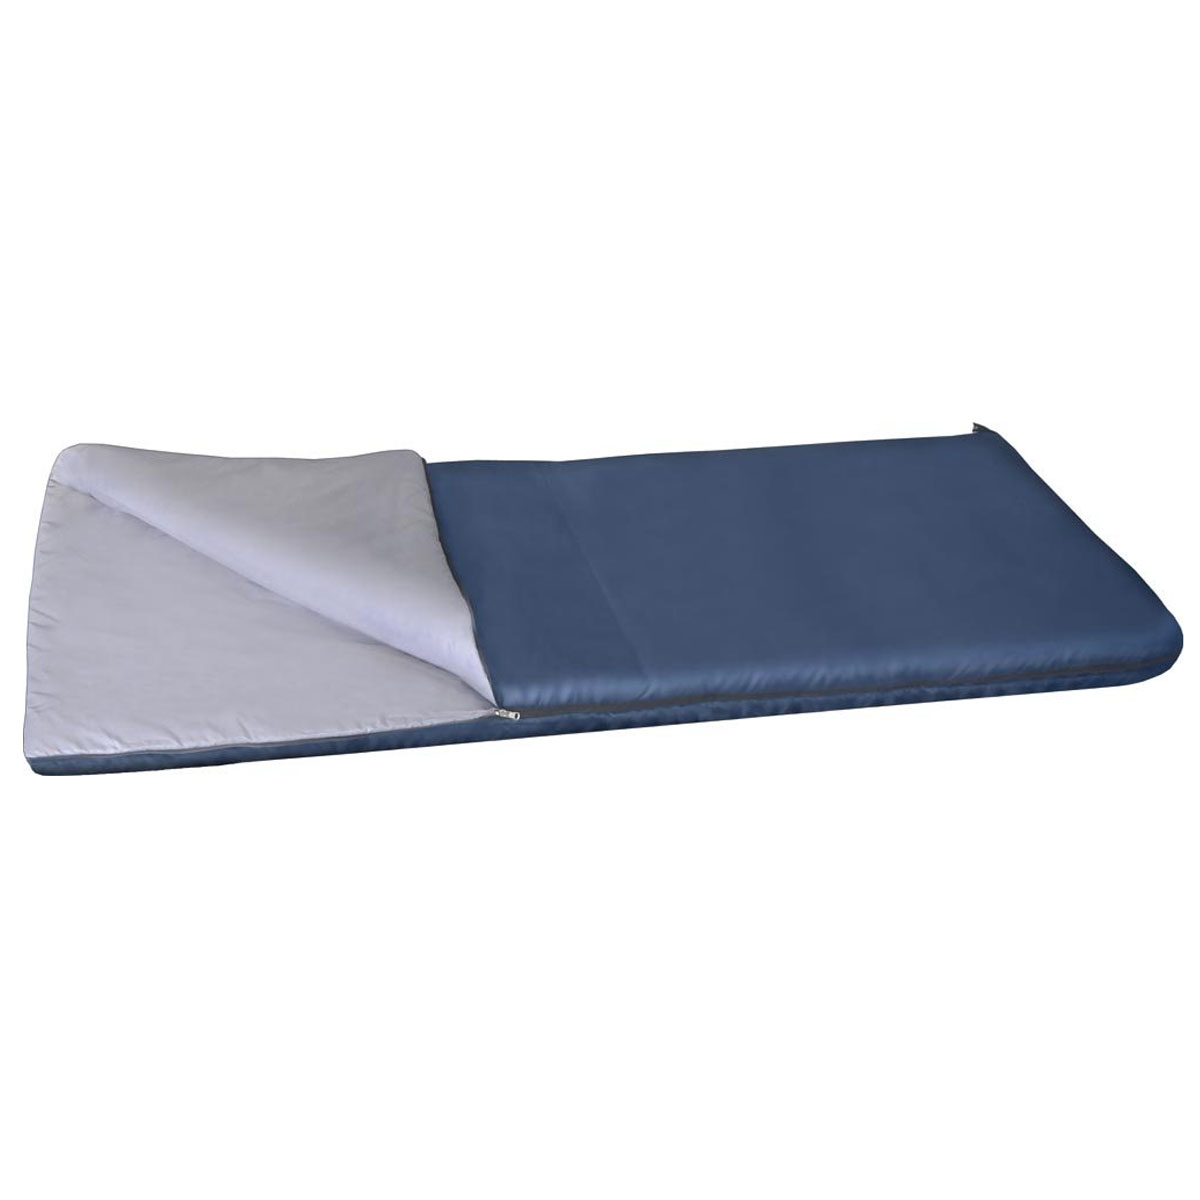 Спальный мешок-одеяло Alaska Одеяло +15 °С, цвет: синий, левосторонняя молния. 95217-405-0095217-405-00Спальный мешок Одеяло +15 - один из самых недорогих, летний спальный мешок для самого экономного туриста. Основное отличие от остальных спальных мешков категории одеяло - это конечно цена! Даже отсутствие в комплекте компрессионного мешка обусловлено исключительно стремлением сделать цену спальника для комфортного отдыха на природе максимально доступной. Несмотря на низкую стоимость, спальный мешок Одеяло +15 отвечает всем требованиям к современным спальникам, обеспечивает достойный, комфортный отдых и максимальную простоту в обслуживании. Материал известного утеплителя Холлофайбер проверен многолетним опытом эксплуатации спальников более ранних моделей. Спальный мешок Одеяло +15 - это дежурный спальник для дачи, его можно постоянно возить в багажнике авто на всякий пожарный случай, можно укрыть нежданных гостей расстегнув спальник и превратив его в полноценное одеяло.Вывод: спальник Одеяло +15 - простой, надежный, дешевый спальный мешок на все случаи жизни.Ткань верха: Политафета 170Т.Внутренняя ткань: Политафета 170Т.Для одеял без подголовника Alaska Одеяло +15 °С левая или правая молния не имеет значения, они состегиваются.